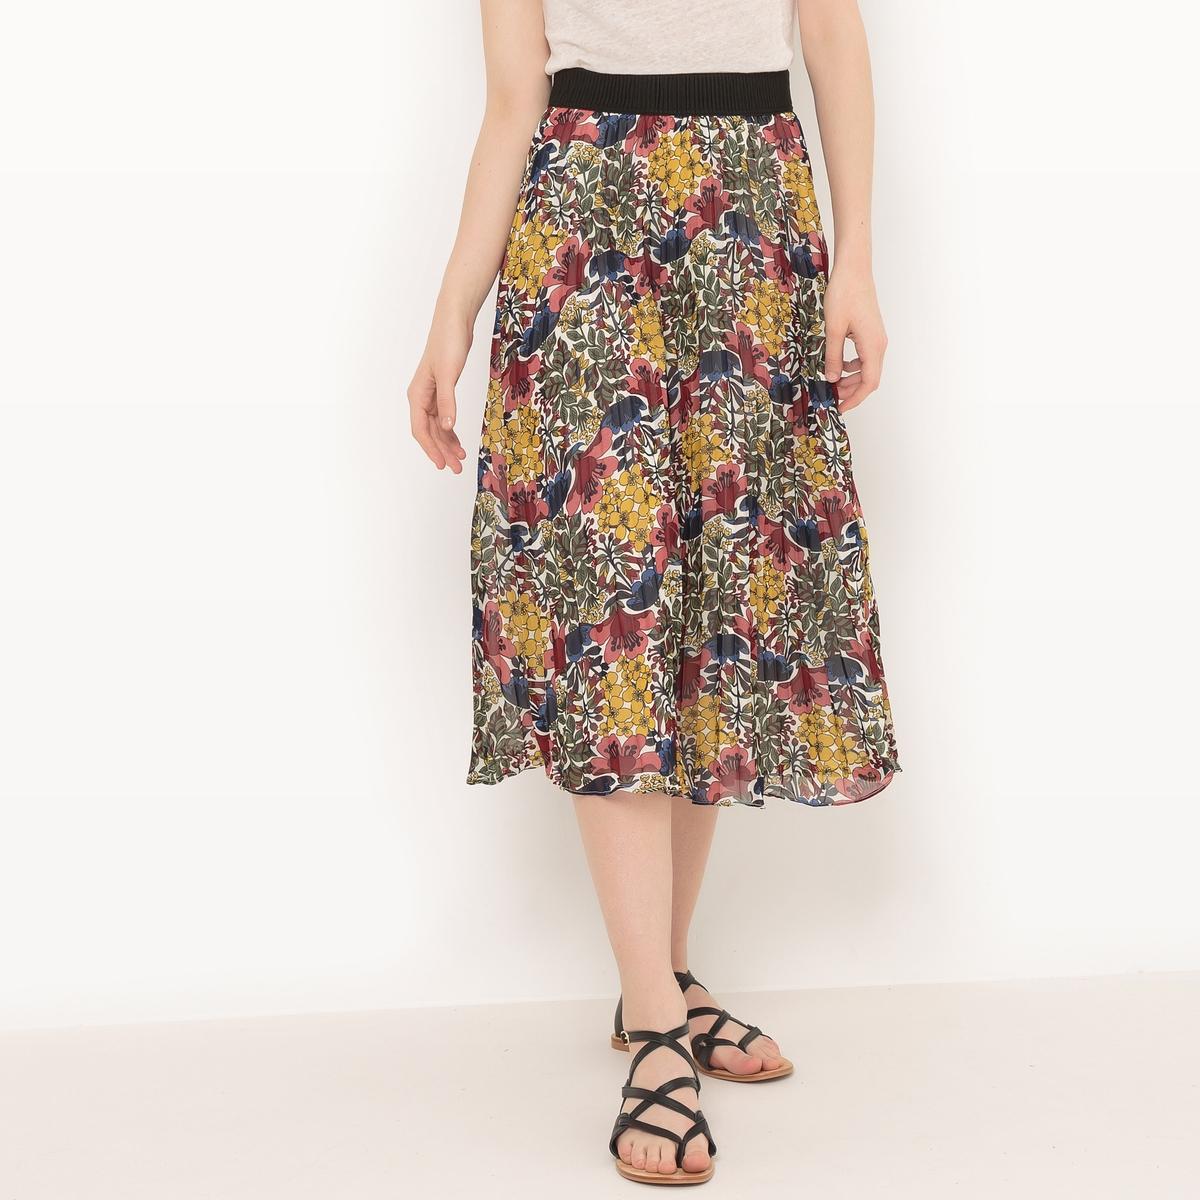 Юбка-миди с экзотическим рисункомМатериал : 100% полиэстер Особенность пояса : эластичный пояс Рисунок : цветочный Длина юбки : удлиненная модель<br><br>Цвет: рисунок/хаки